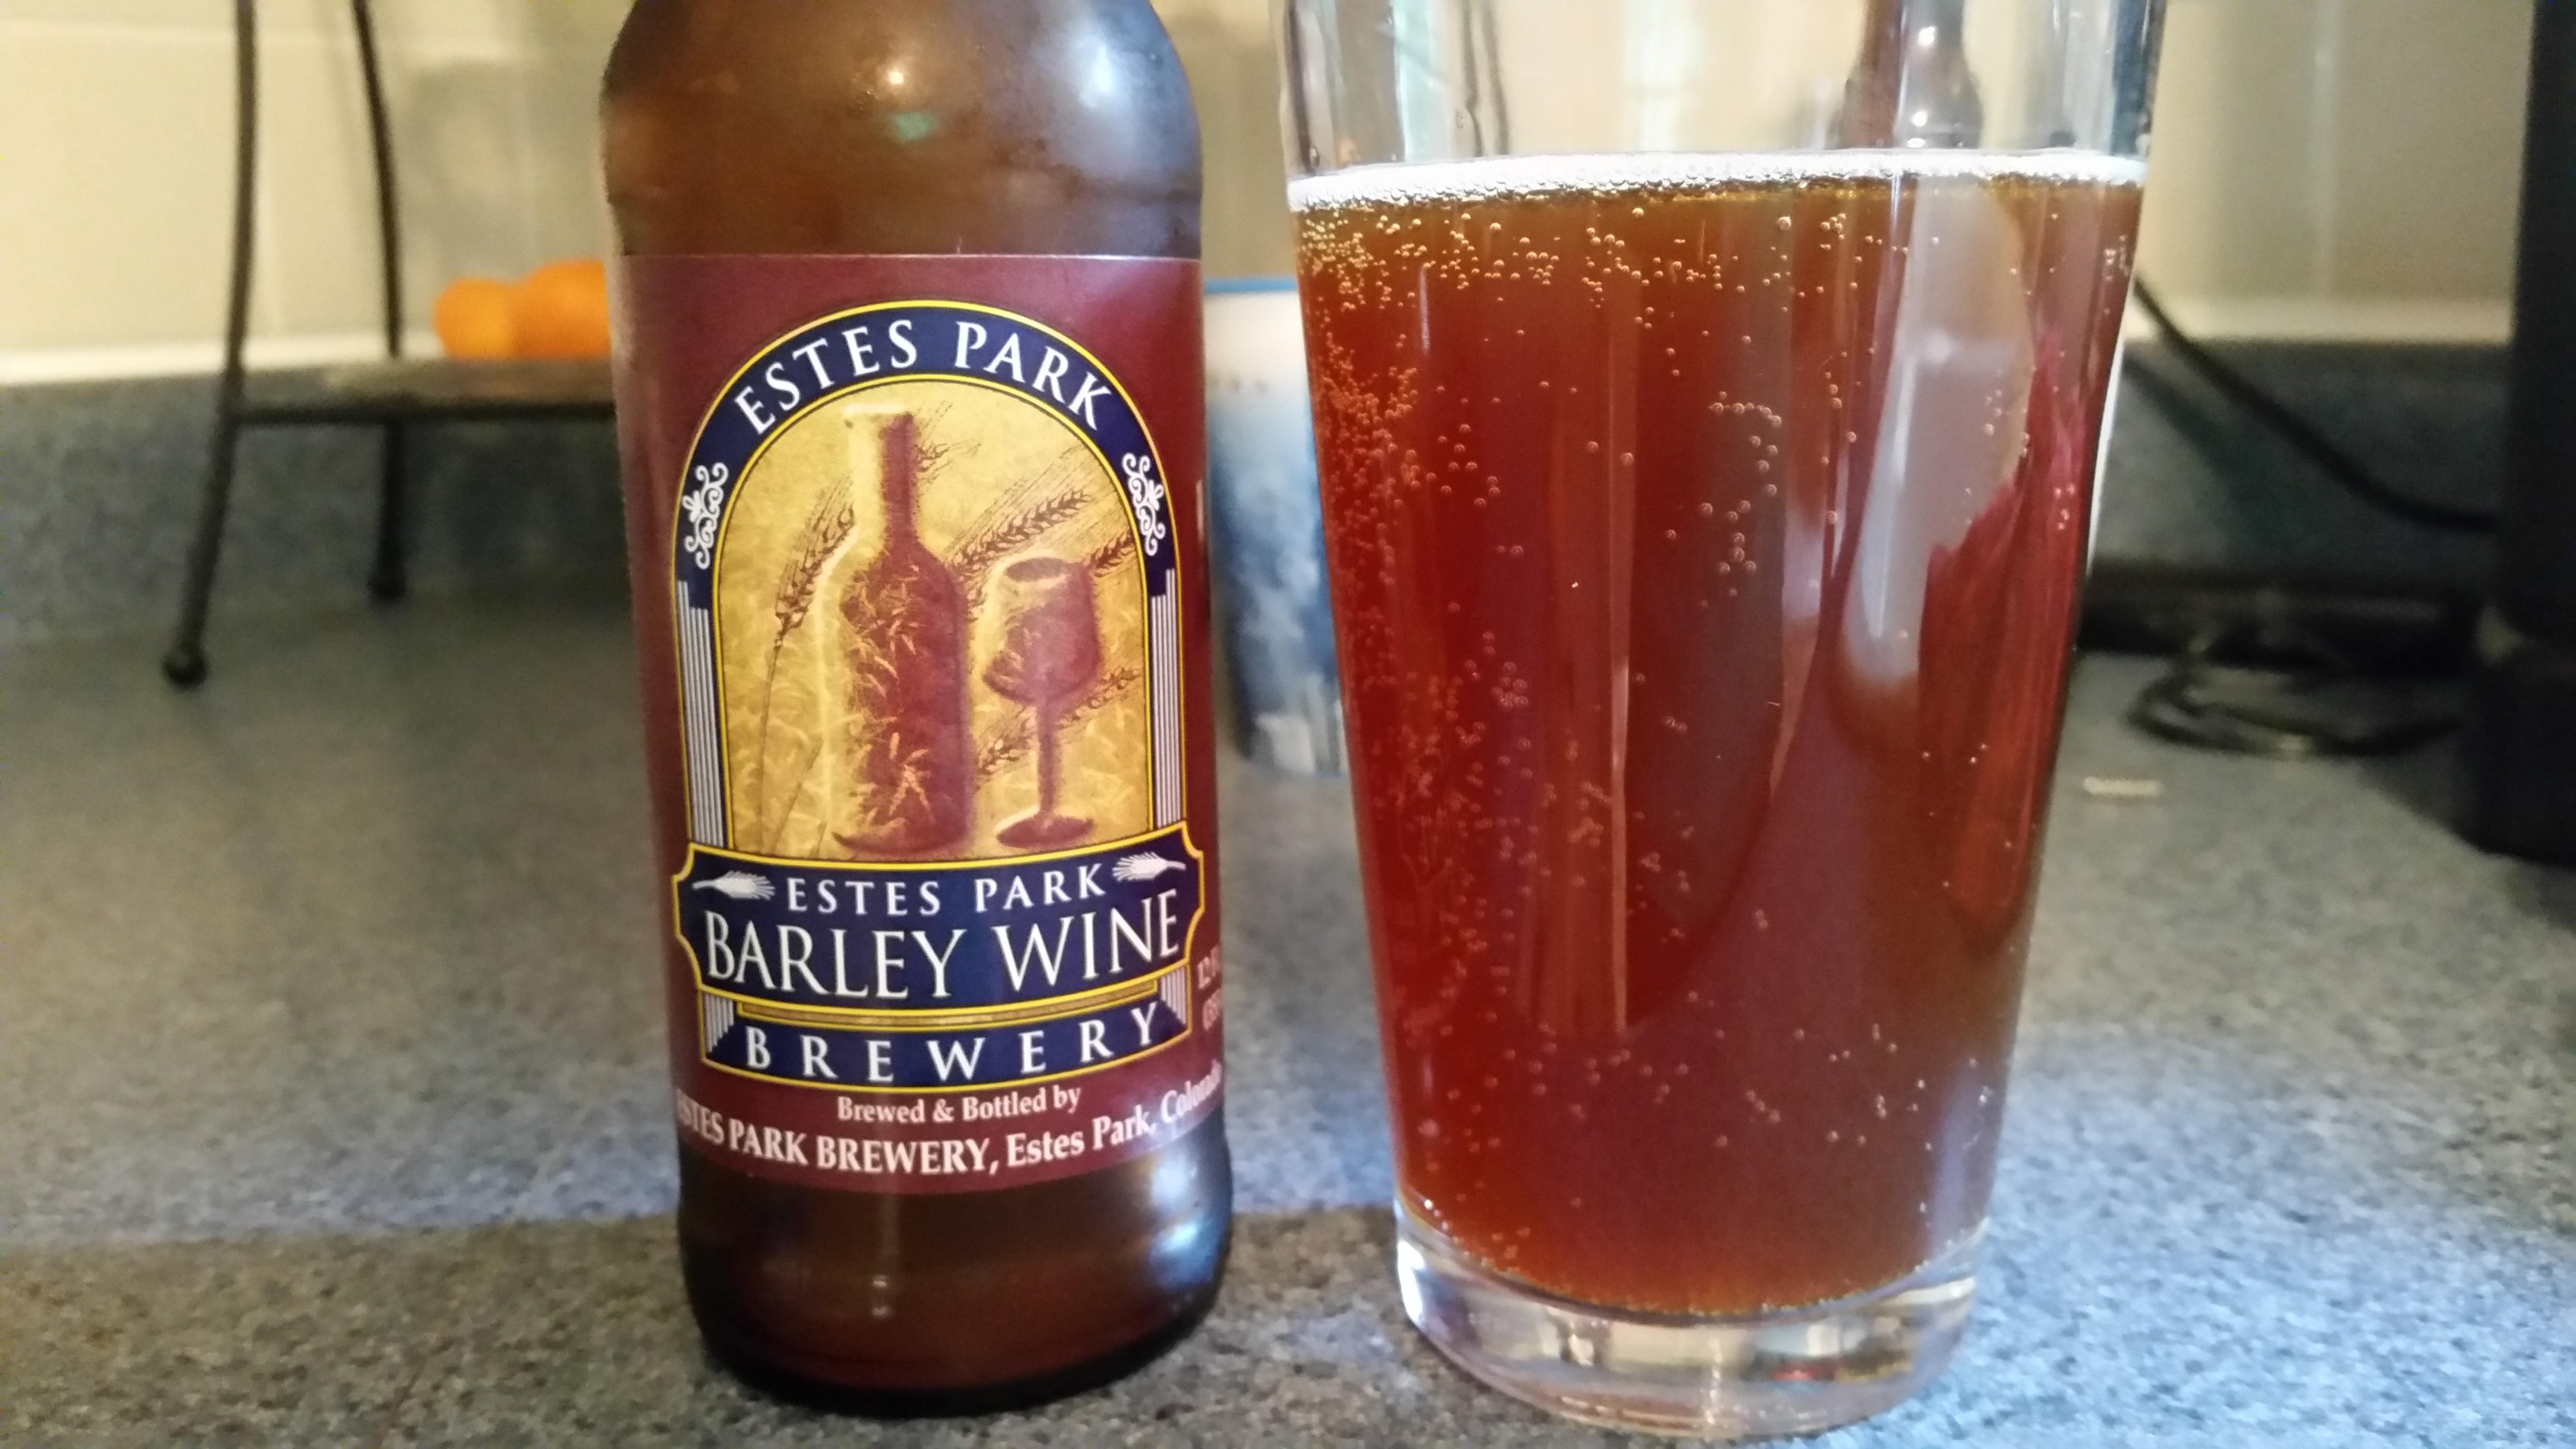 Estes Park Barley Wine